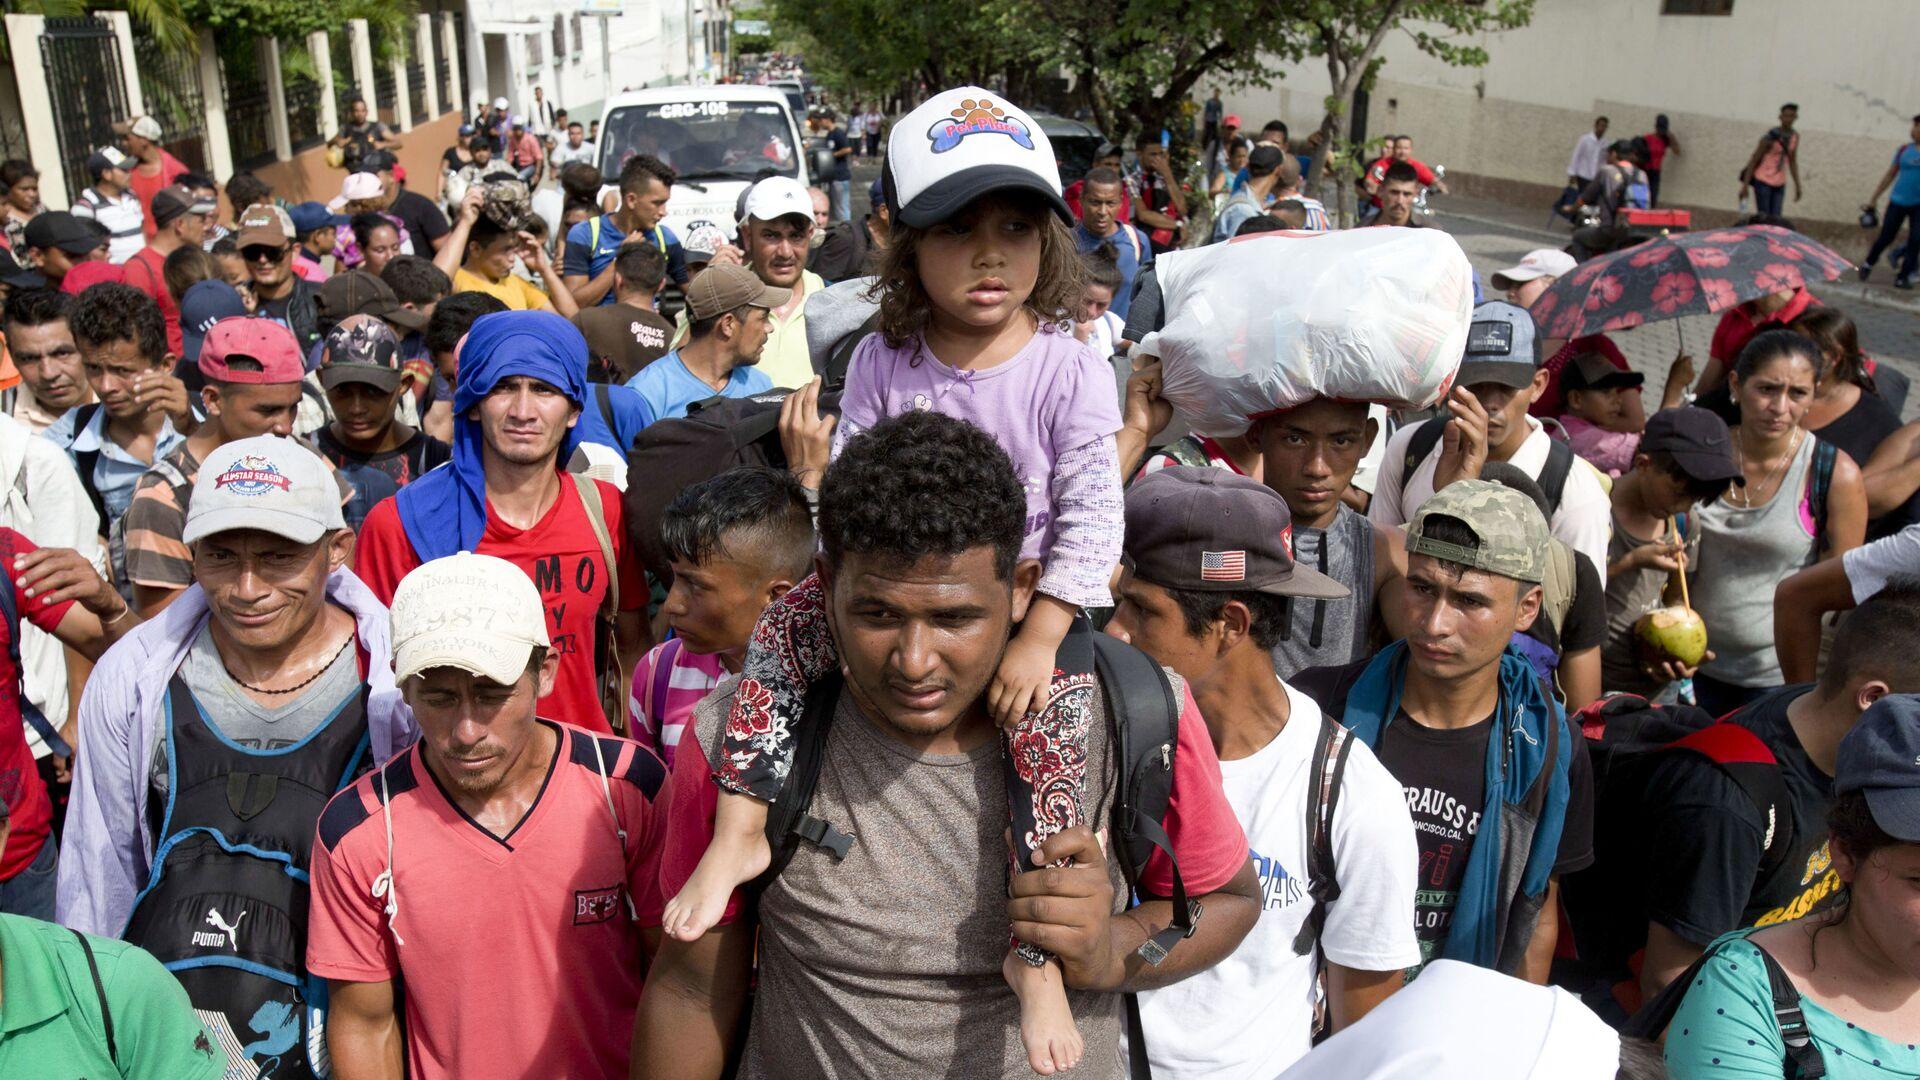 Karawana migrantów z Hondurasu w drodze do USA - Sputnik Polska, 1920, 23.09.2021